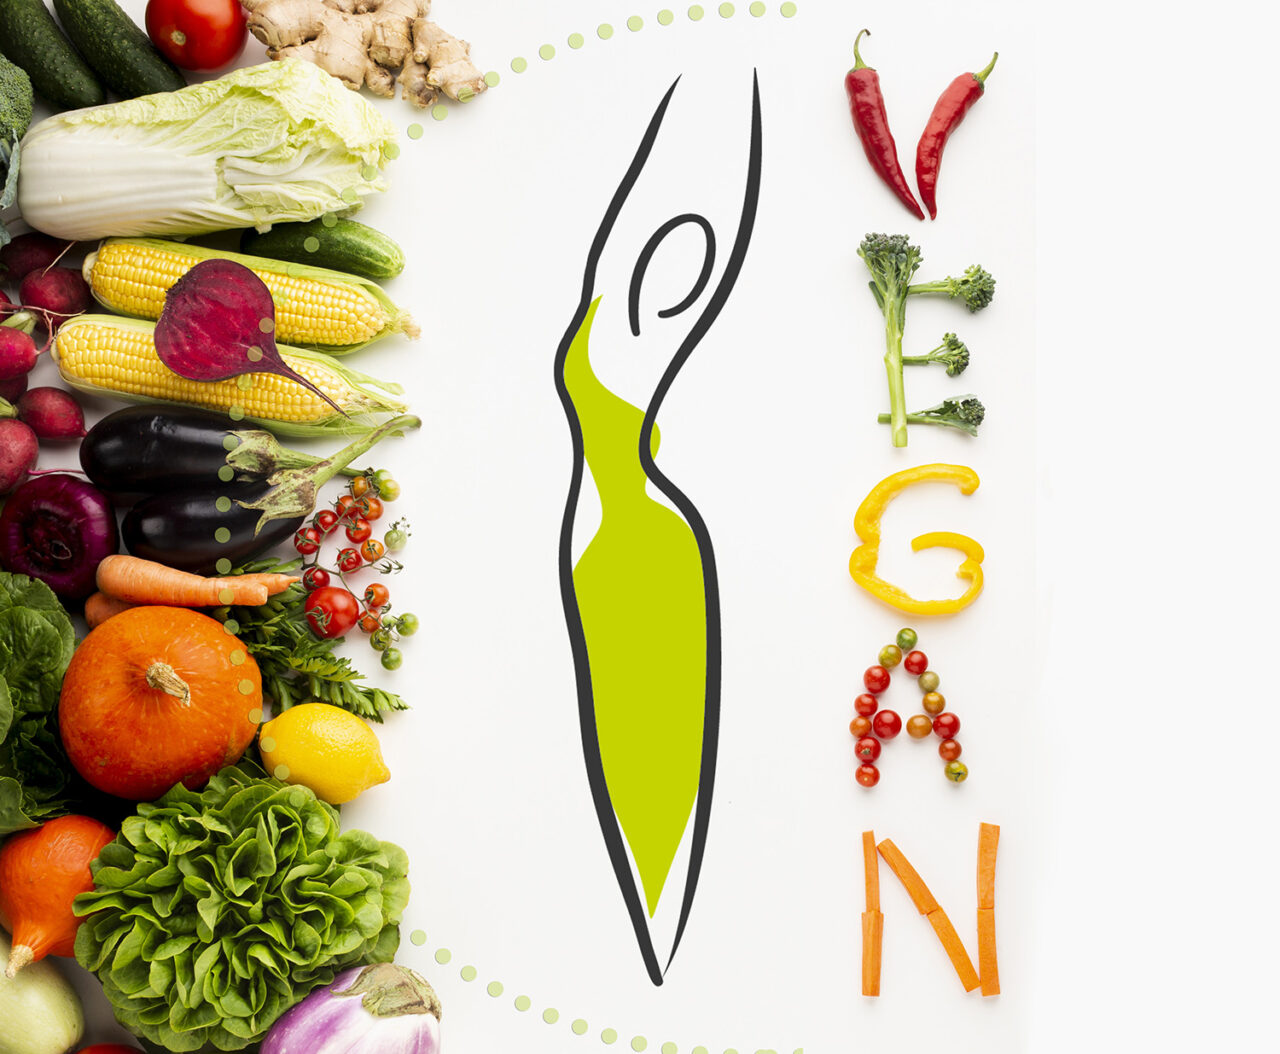 dieta-vegan_2-1-1280x1054.jpg